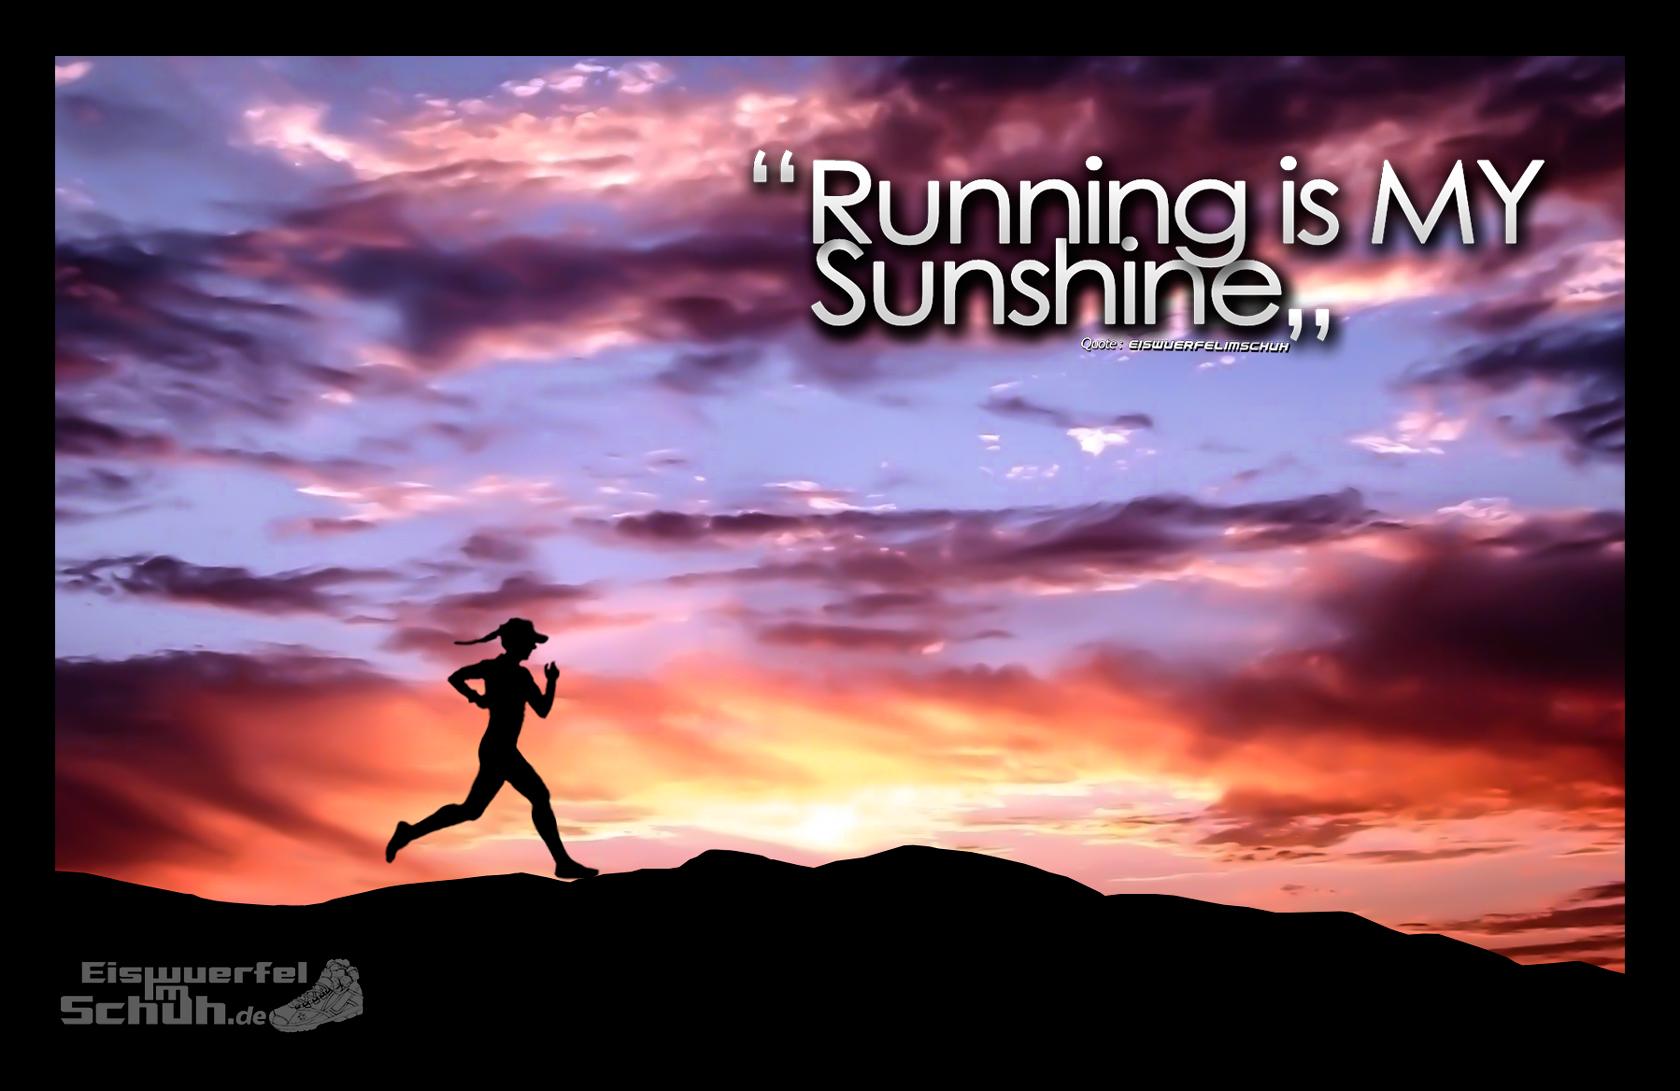 Laufen ist mein Sonnenschein - Mehr Motivation für den Frühling